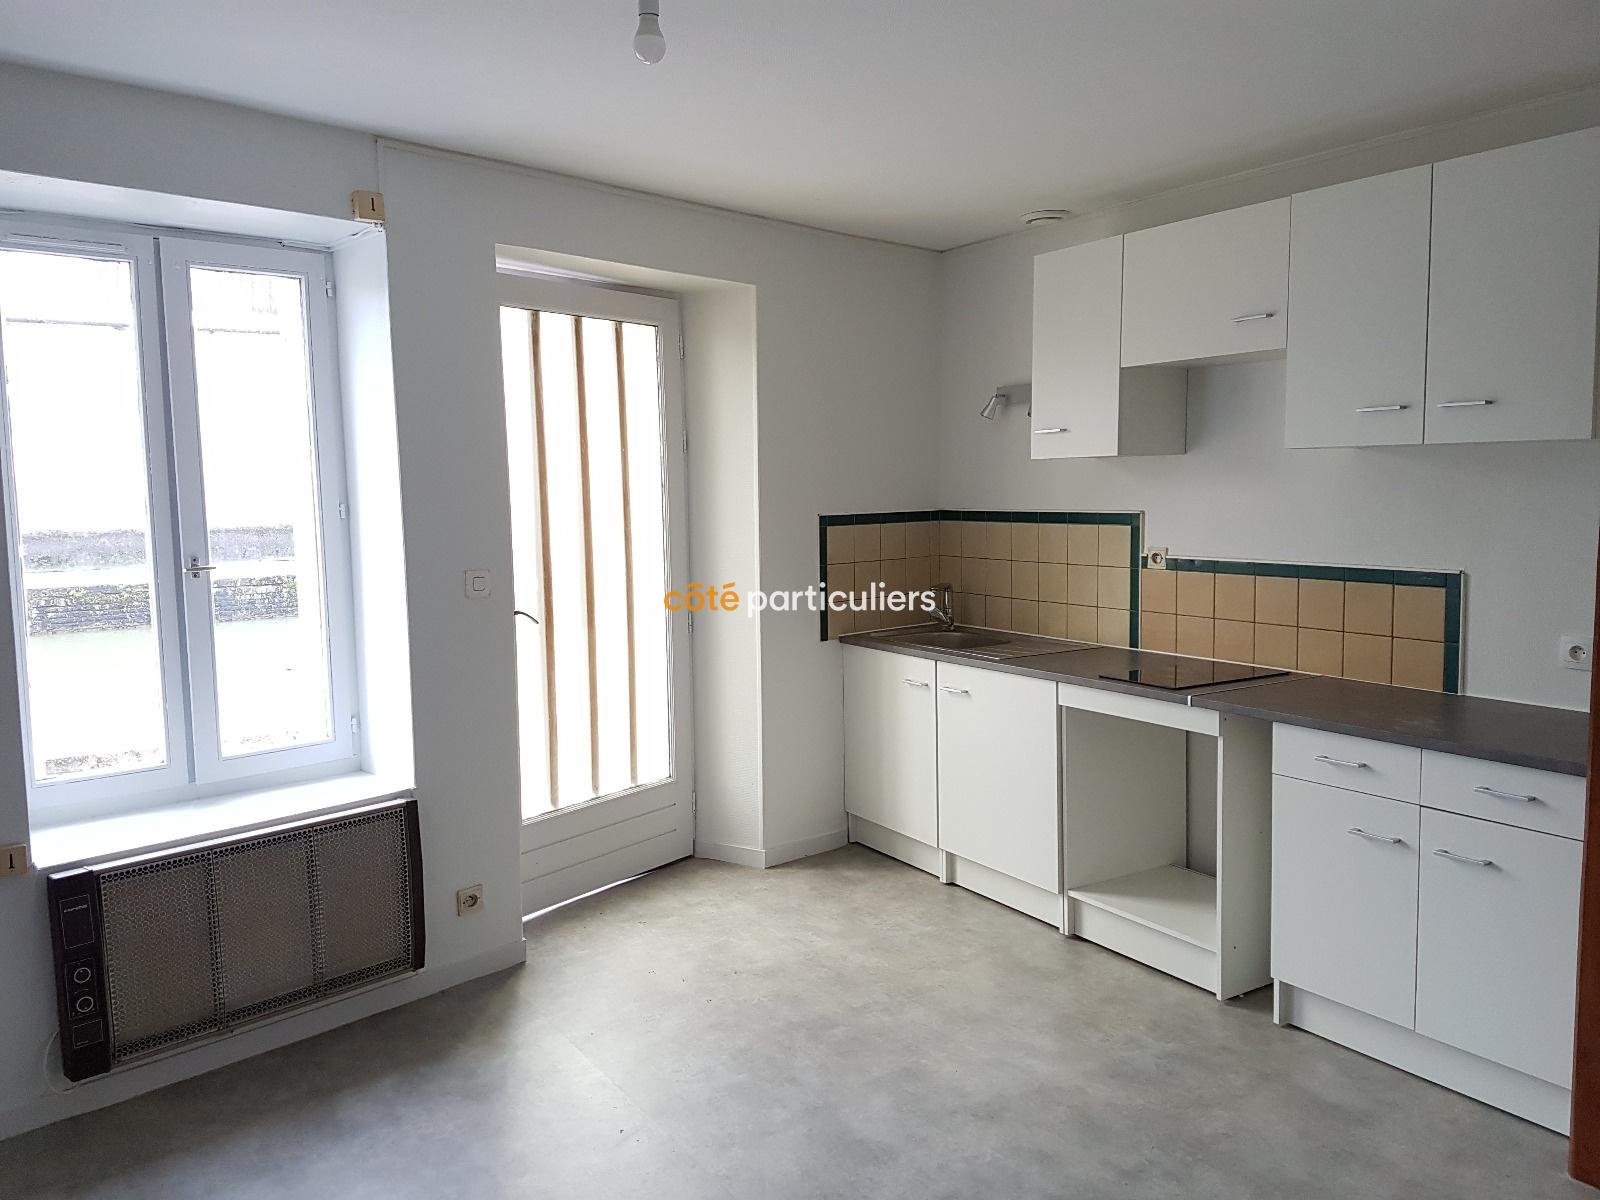 location maison appartement montargis 45200 sur le partenaire. Black Bedroom Furniture Sets. Home Design Ideas